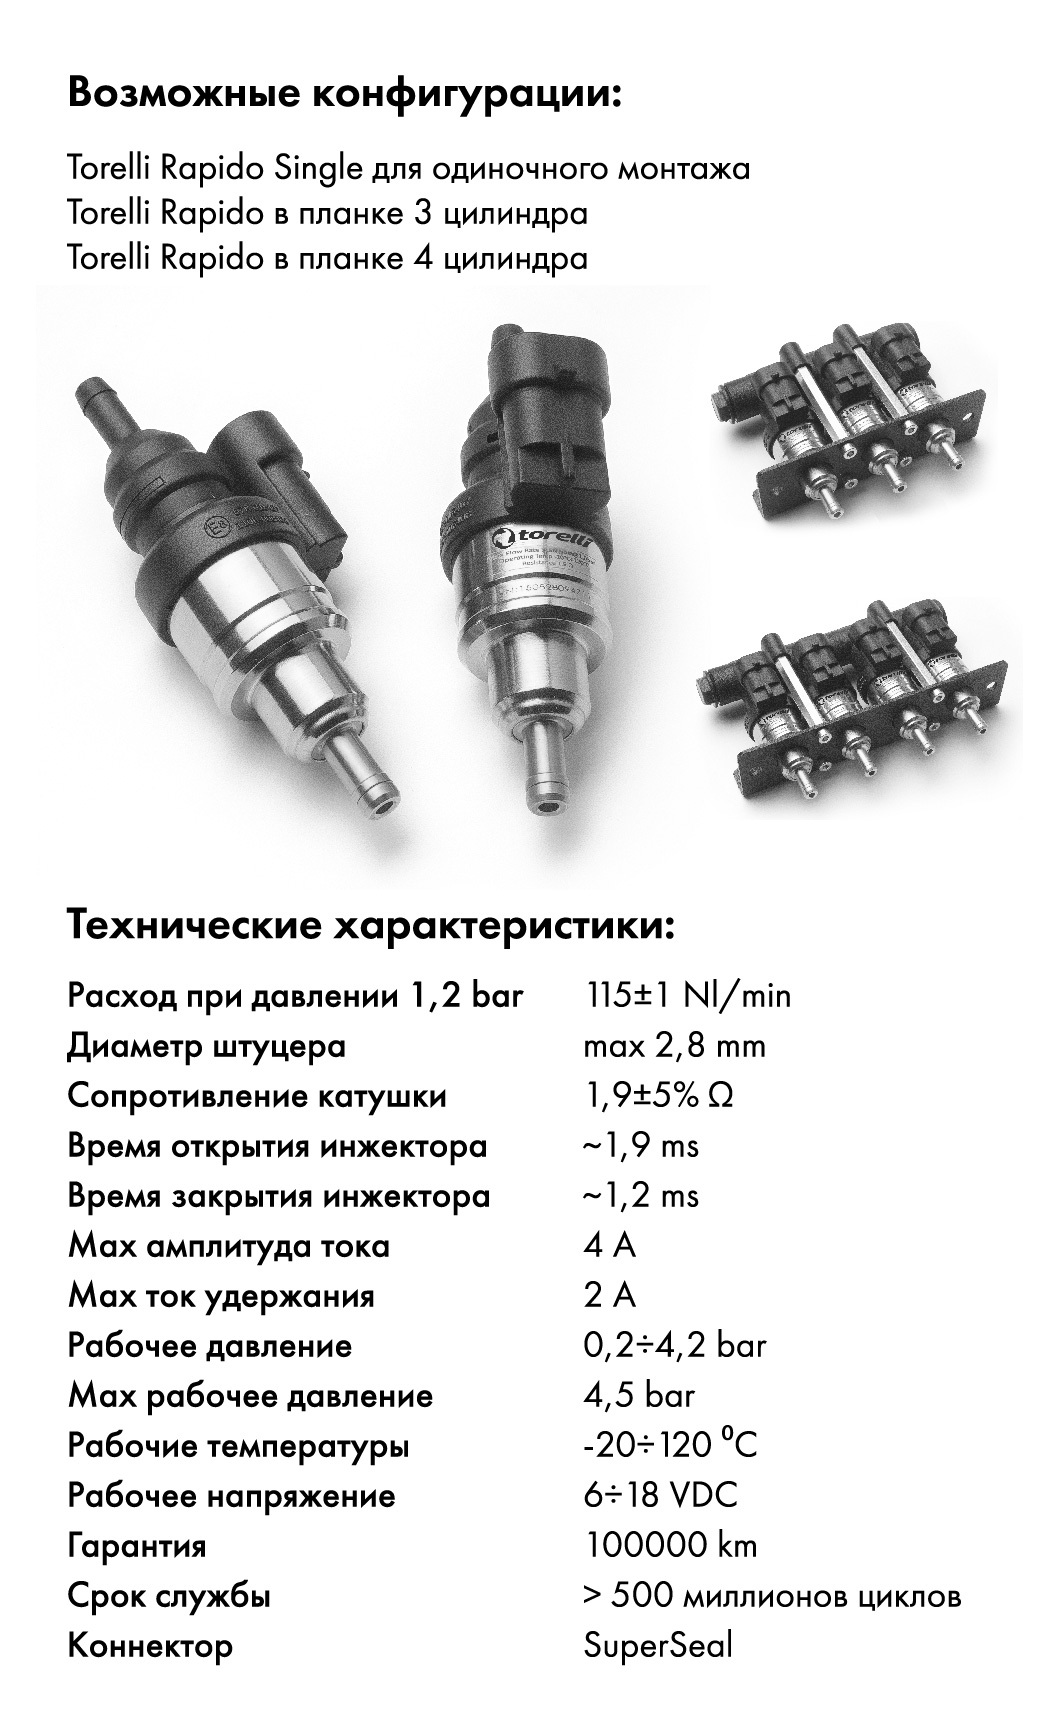 Форсунки Torelli Rapido 4цил. с планкой (универсальные).